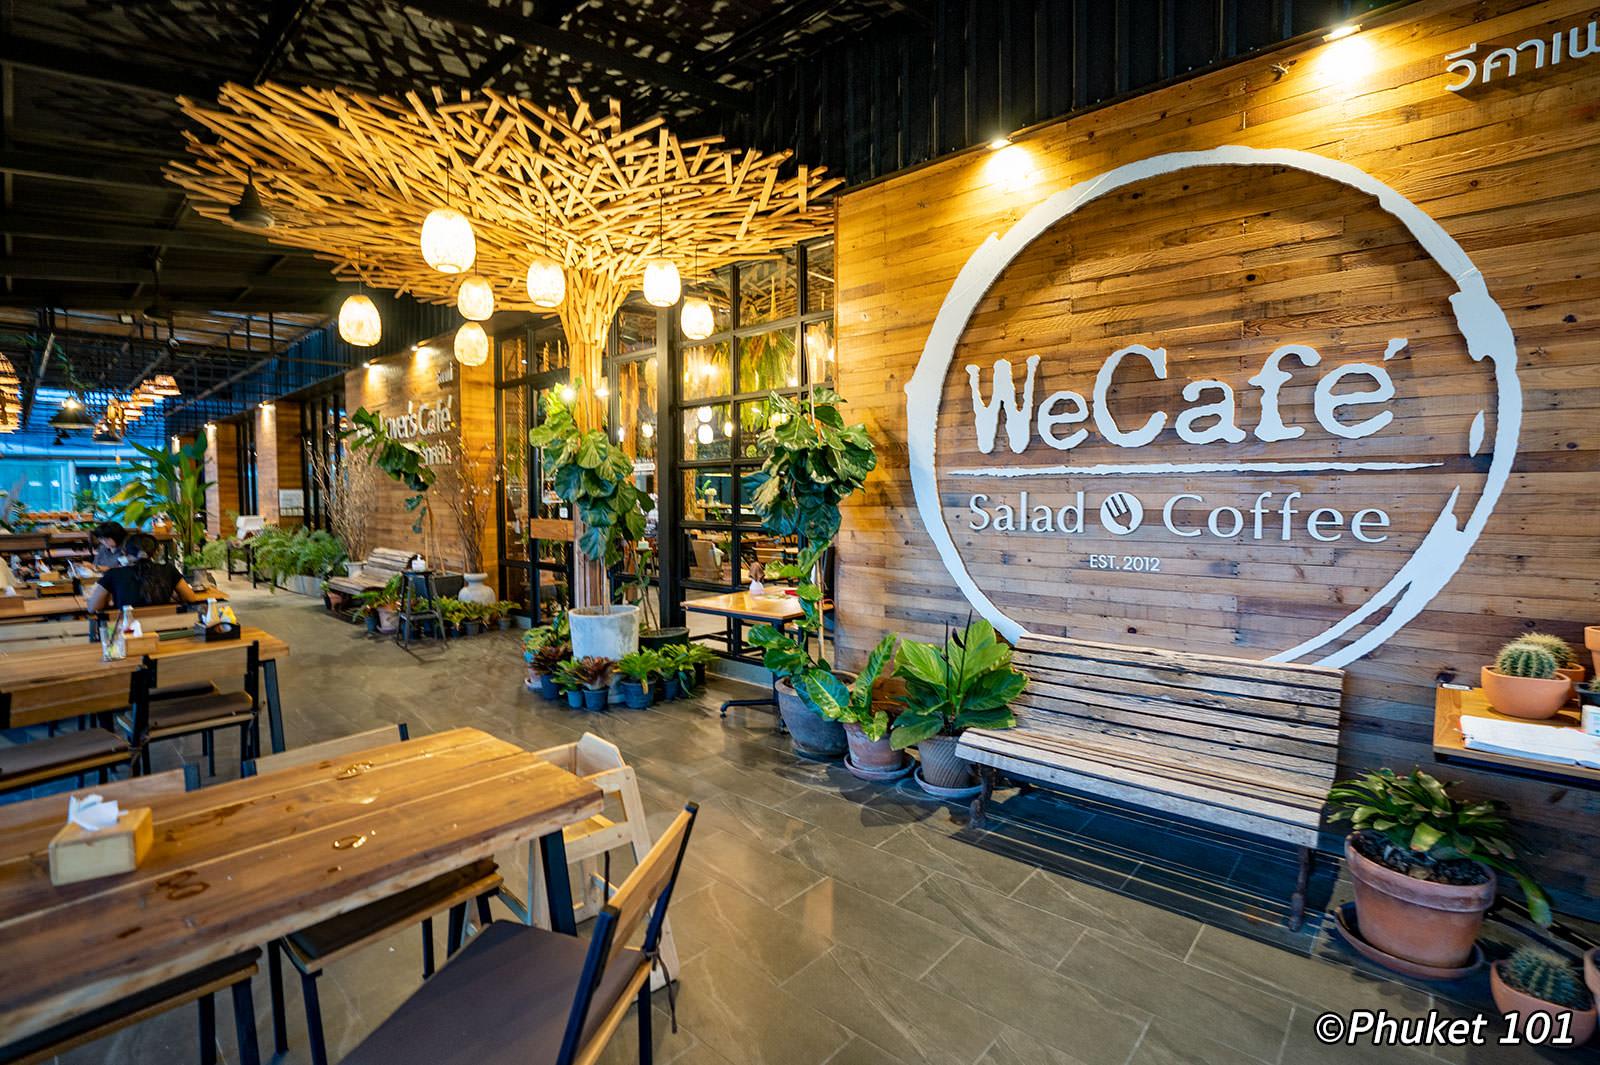 We Cafe Restaurant in Phuket